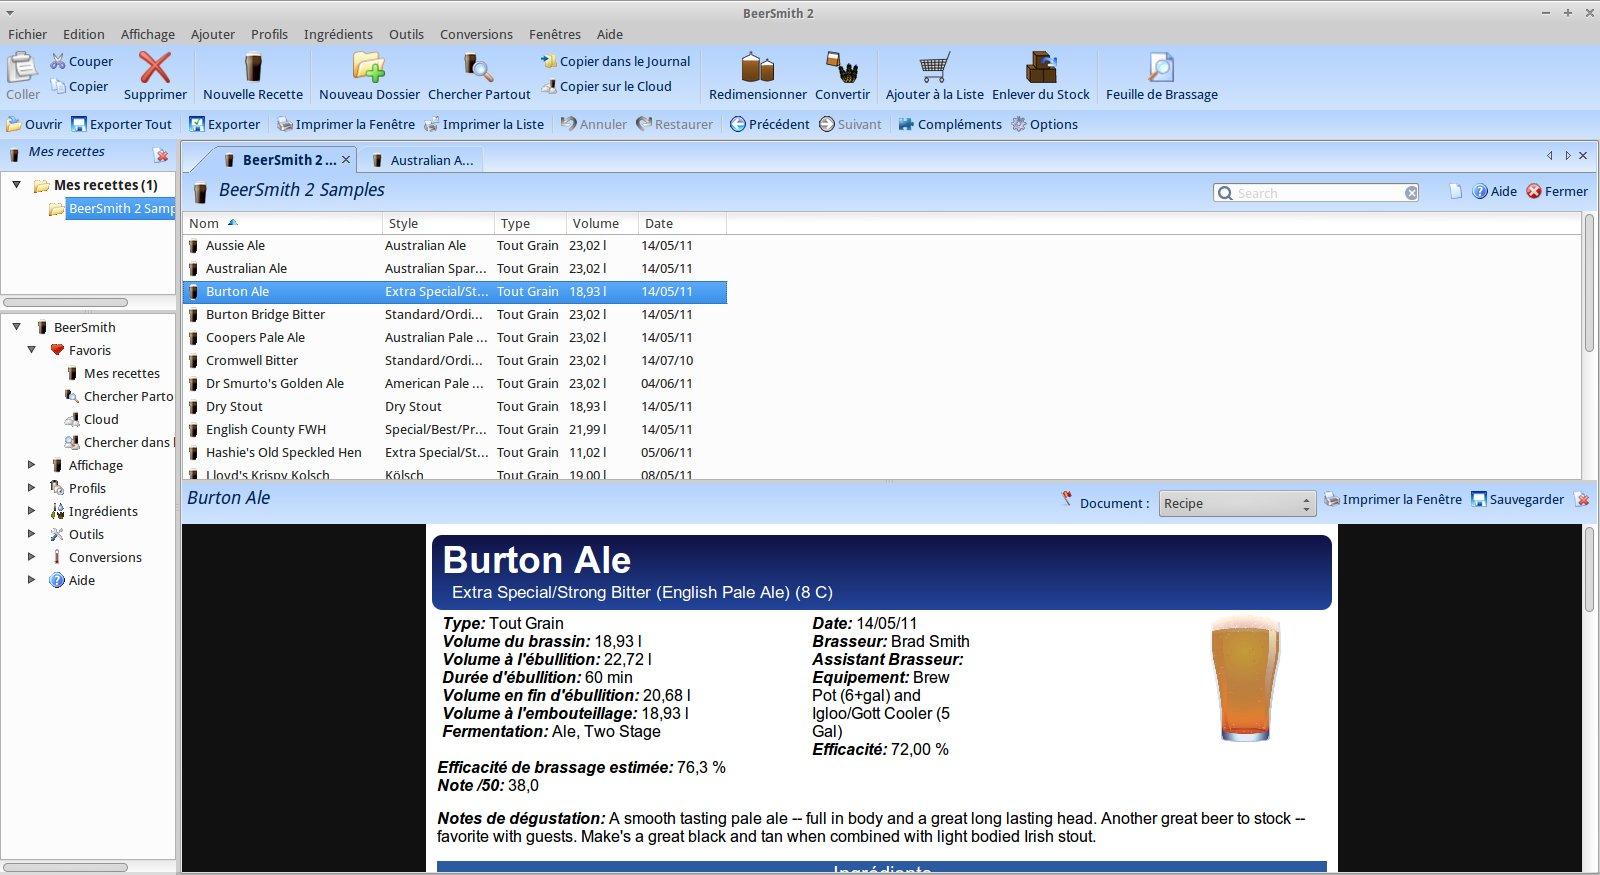 BeerSmith 2 en français sous Linux (Debian ou Ubuntu)